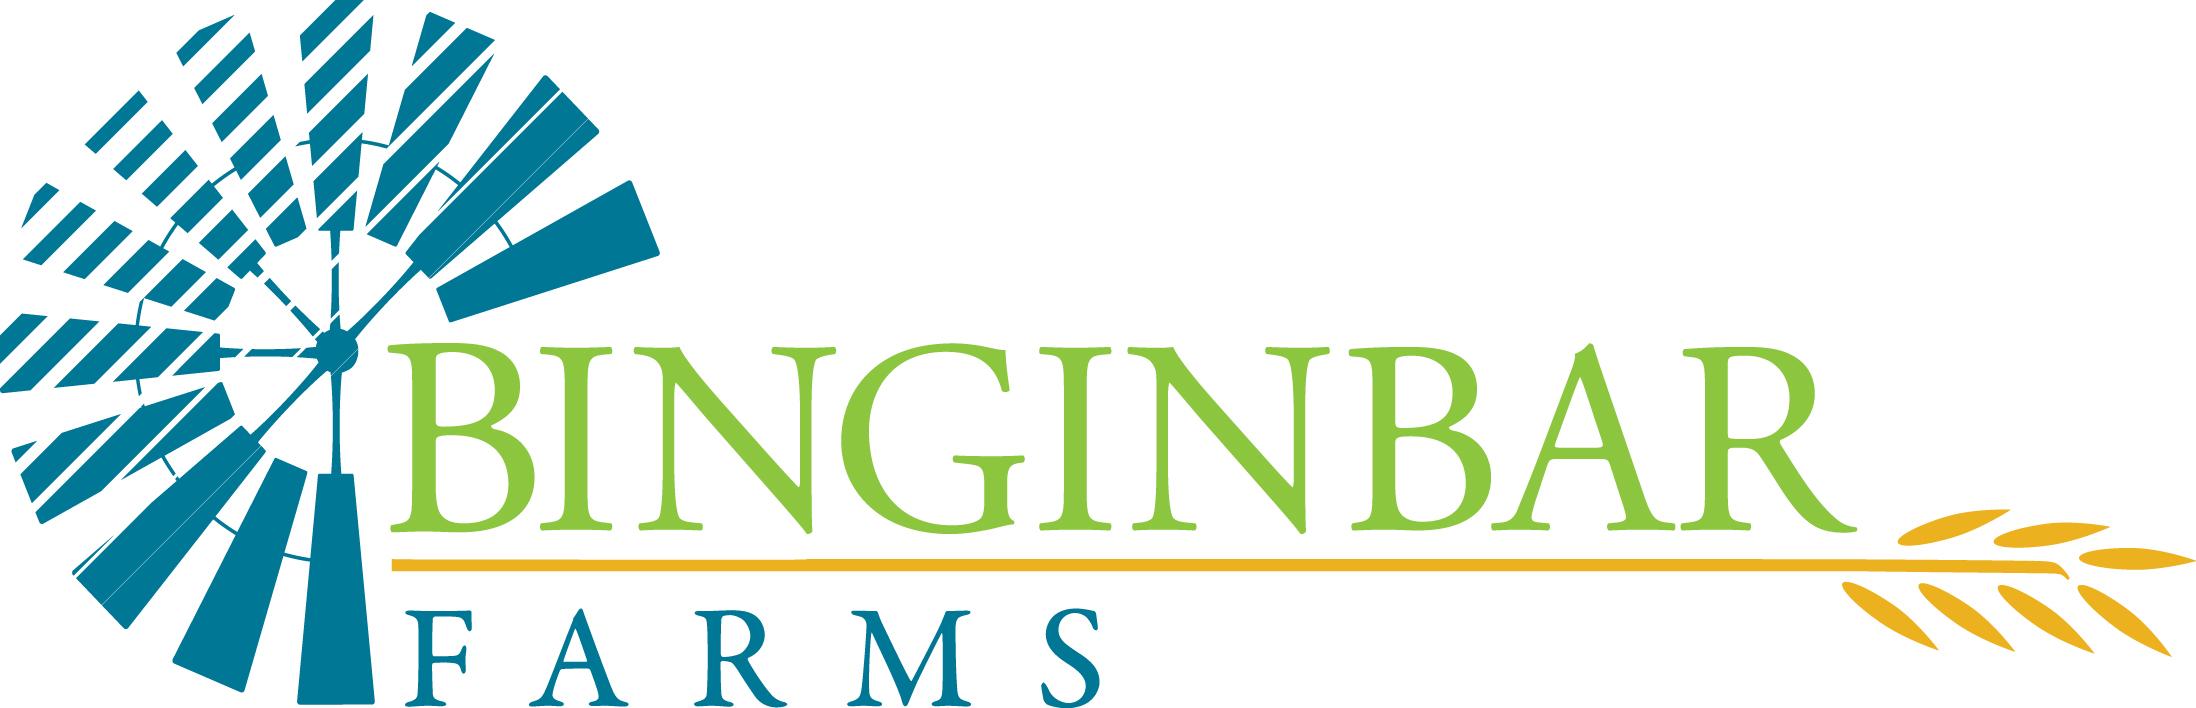 Binginbar Farms